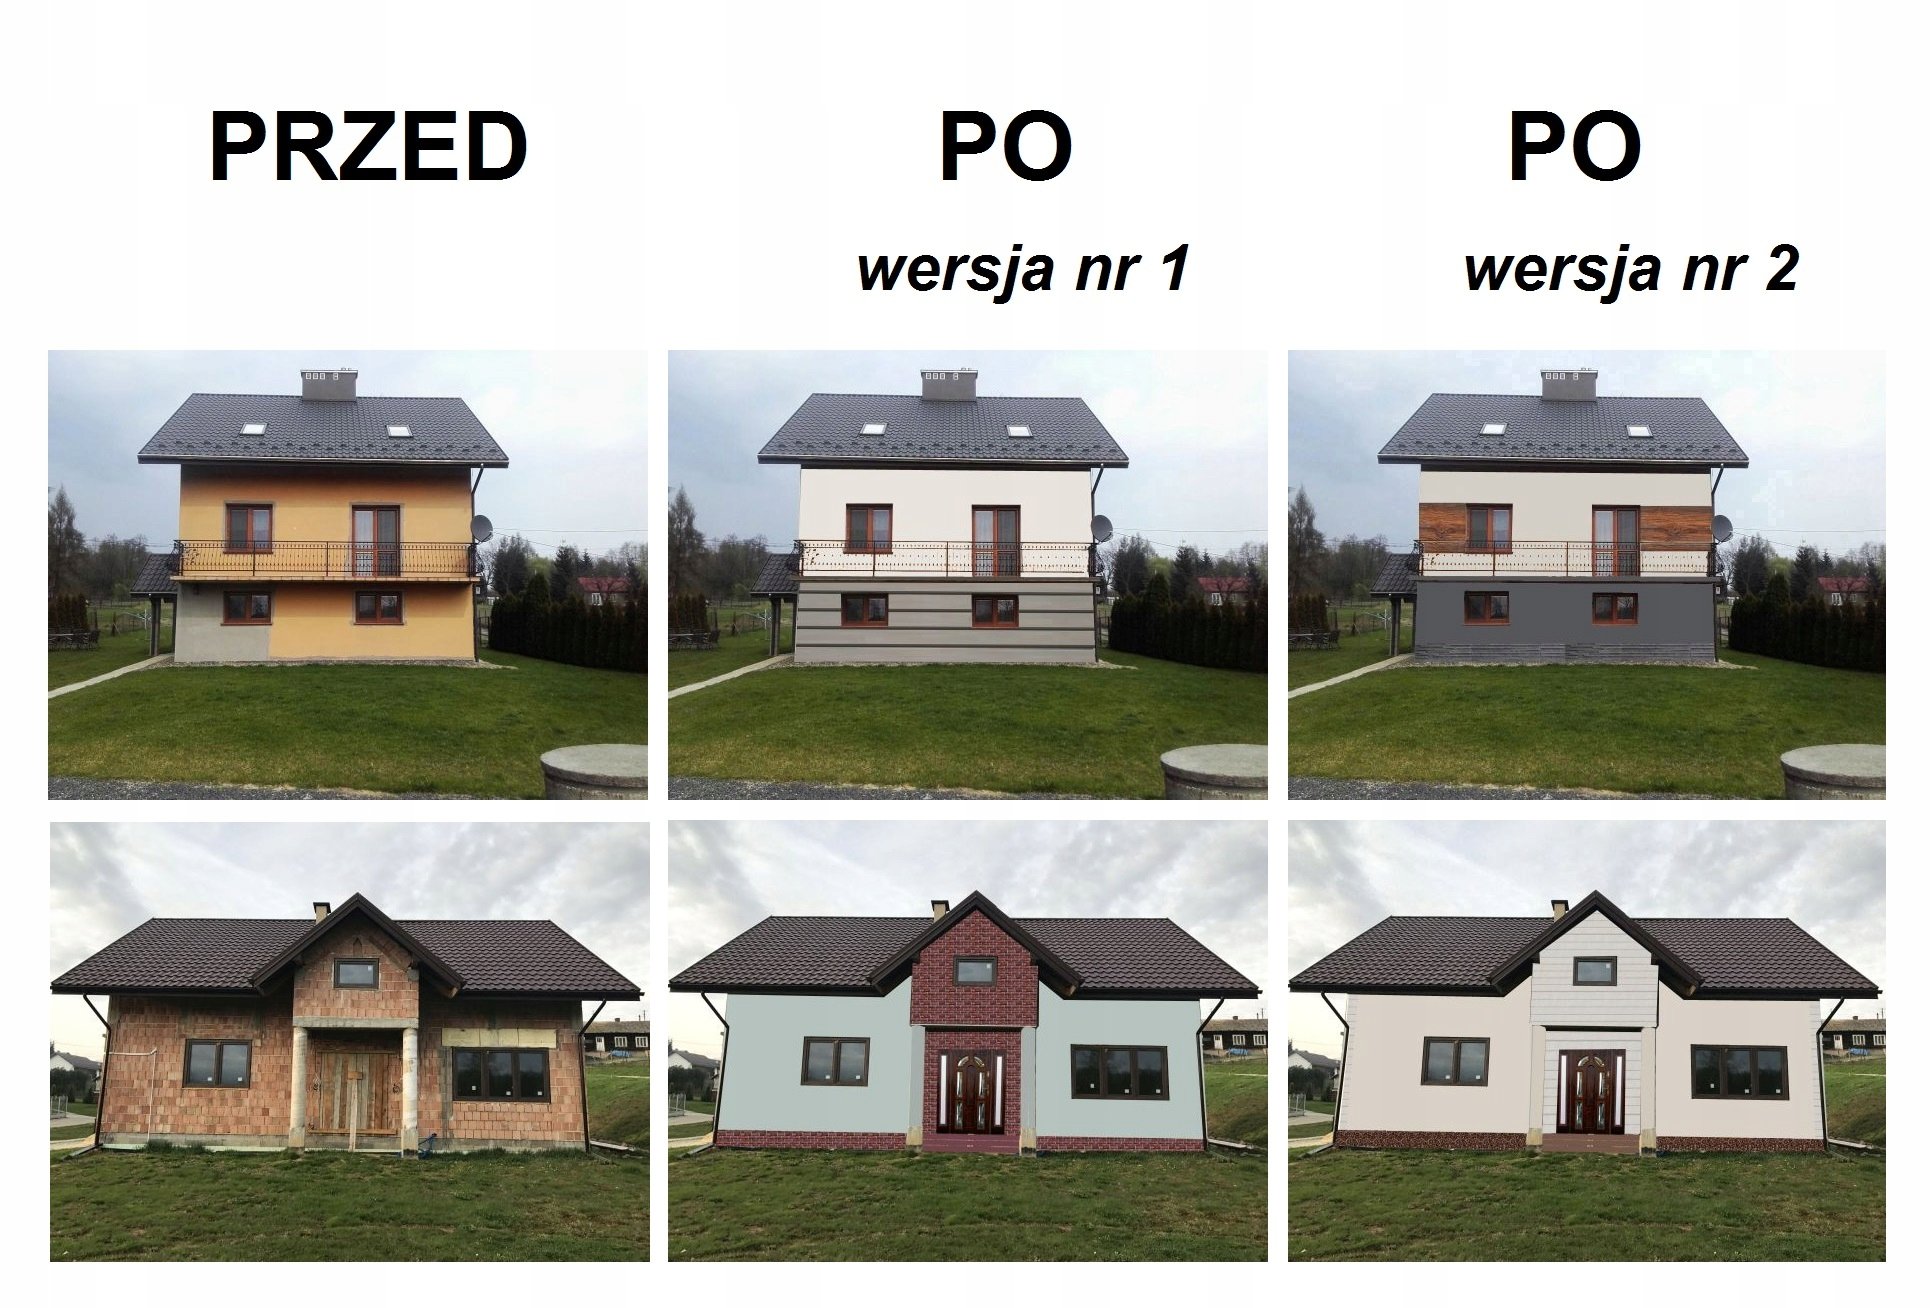 Projekt Zmiany Elewacji Domu 2 Koncepcje Okazja 7450440404